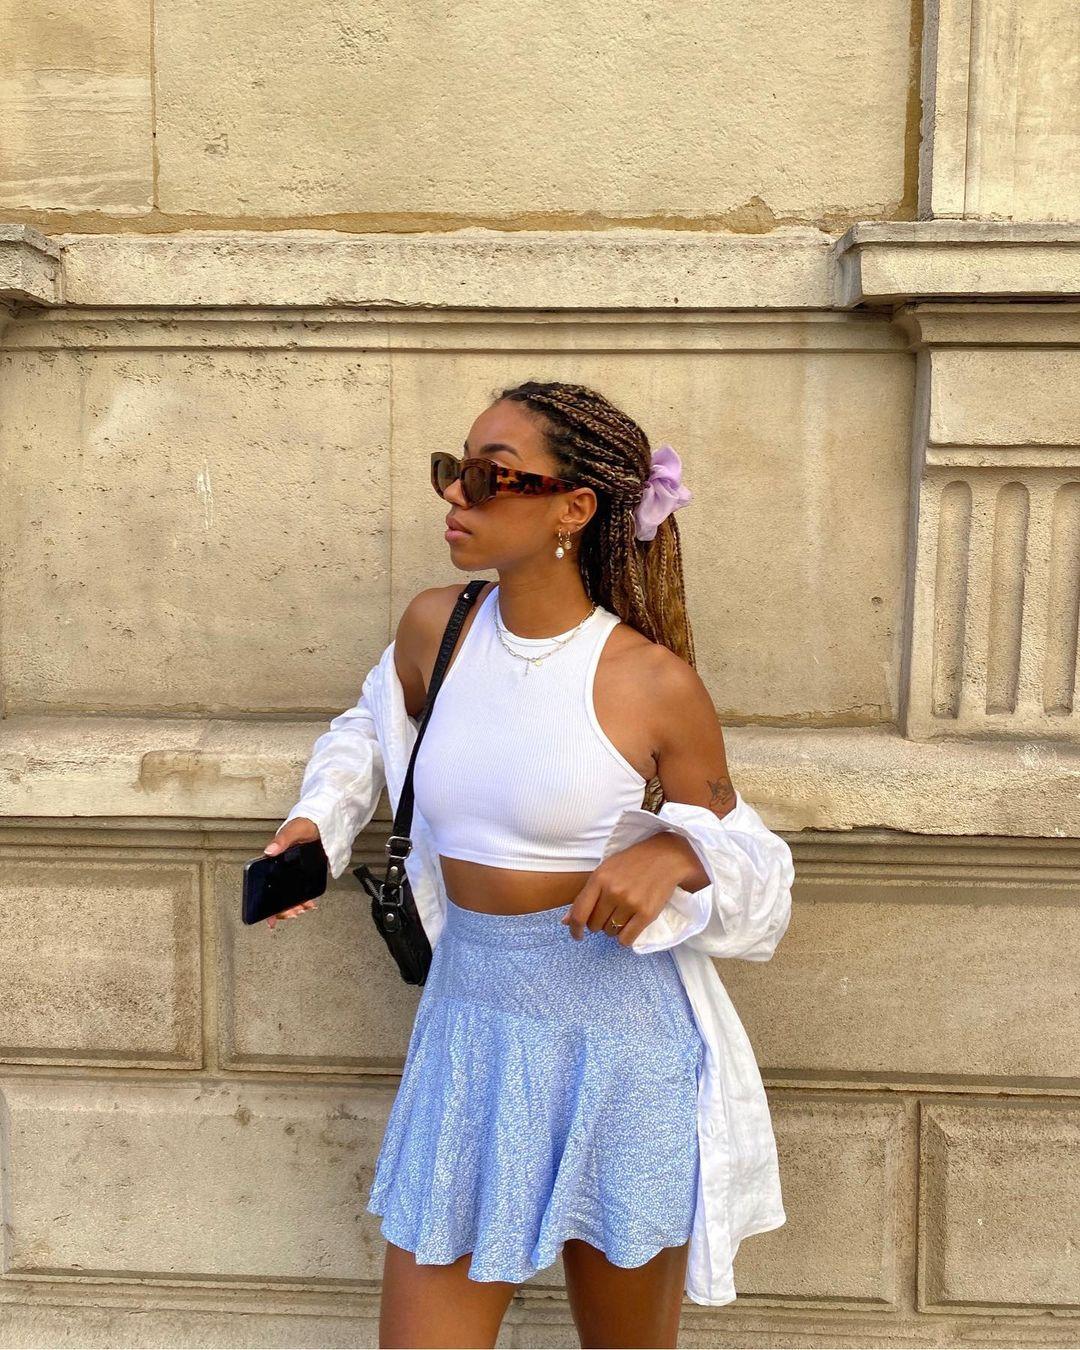 Garota usando top cropped branco com saia rodada azul e camisa branca por cima. Ela está com uma bolsa preta pendurada em um dos ombros, segurando o celular em uma das mãos, cabelo preso em um rabo com scrunchie lilás e óculos de sol. Ela está olhando para o lado.